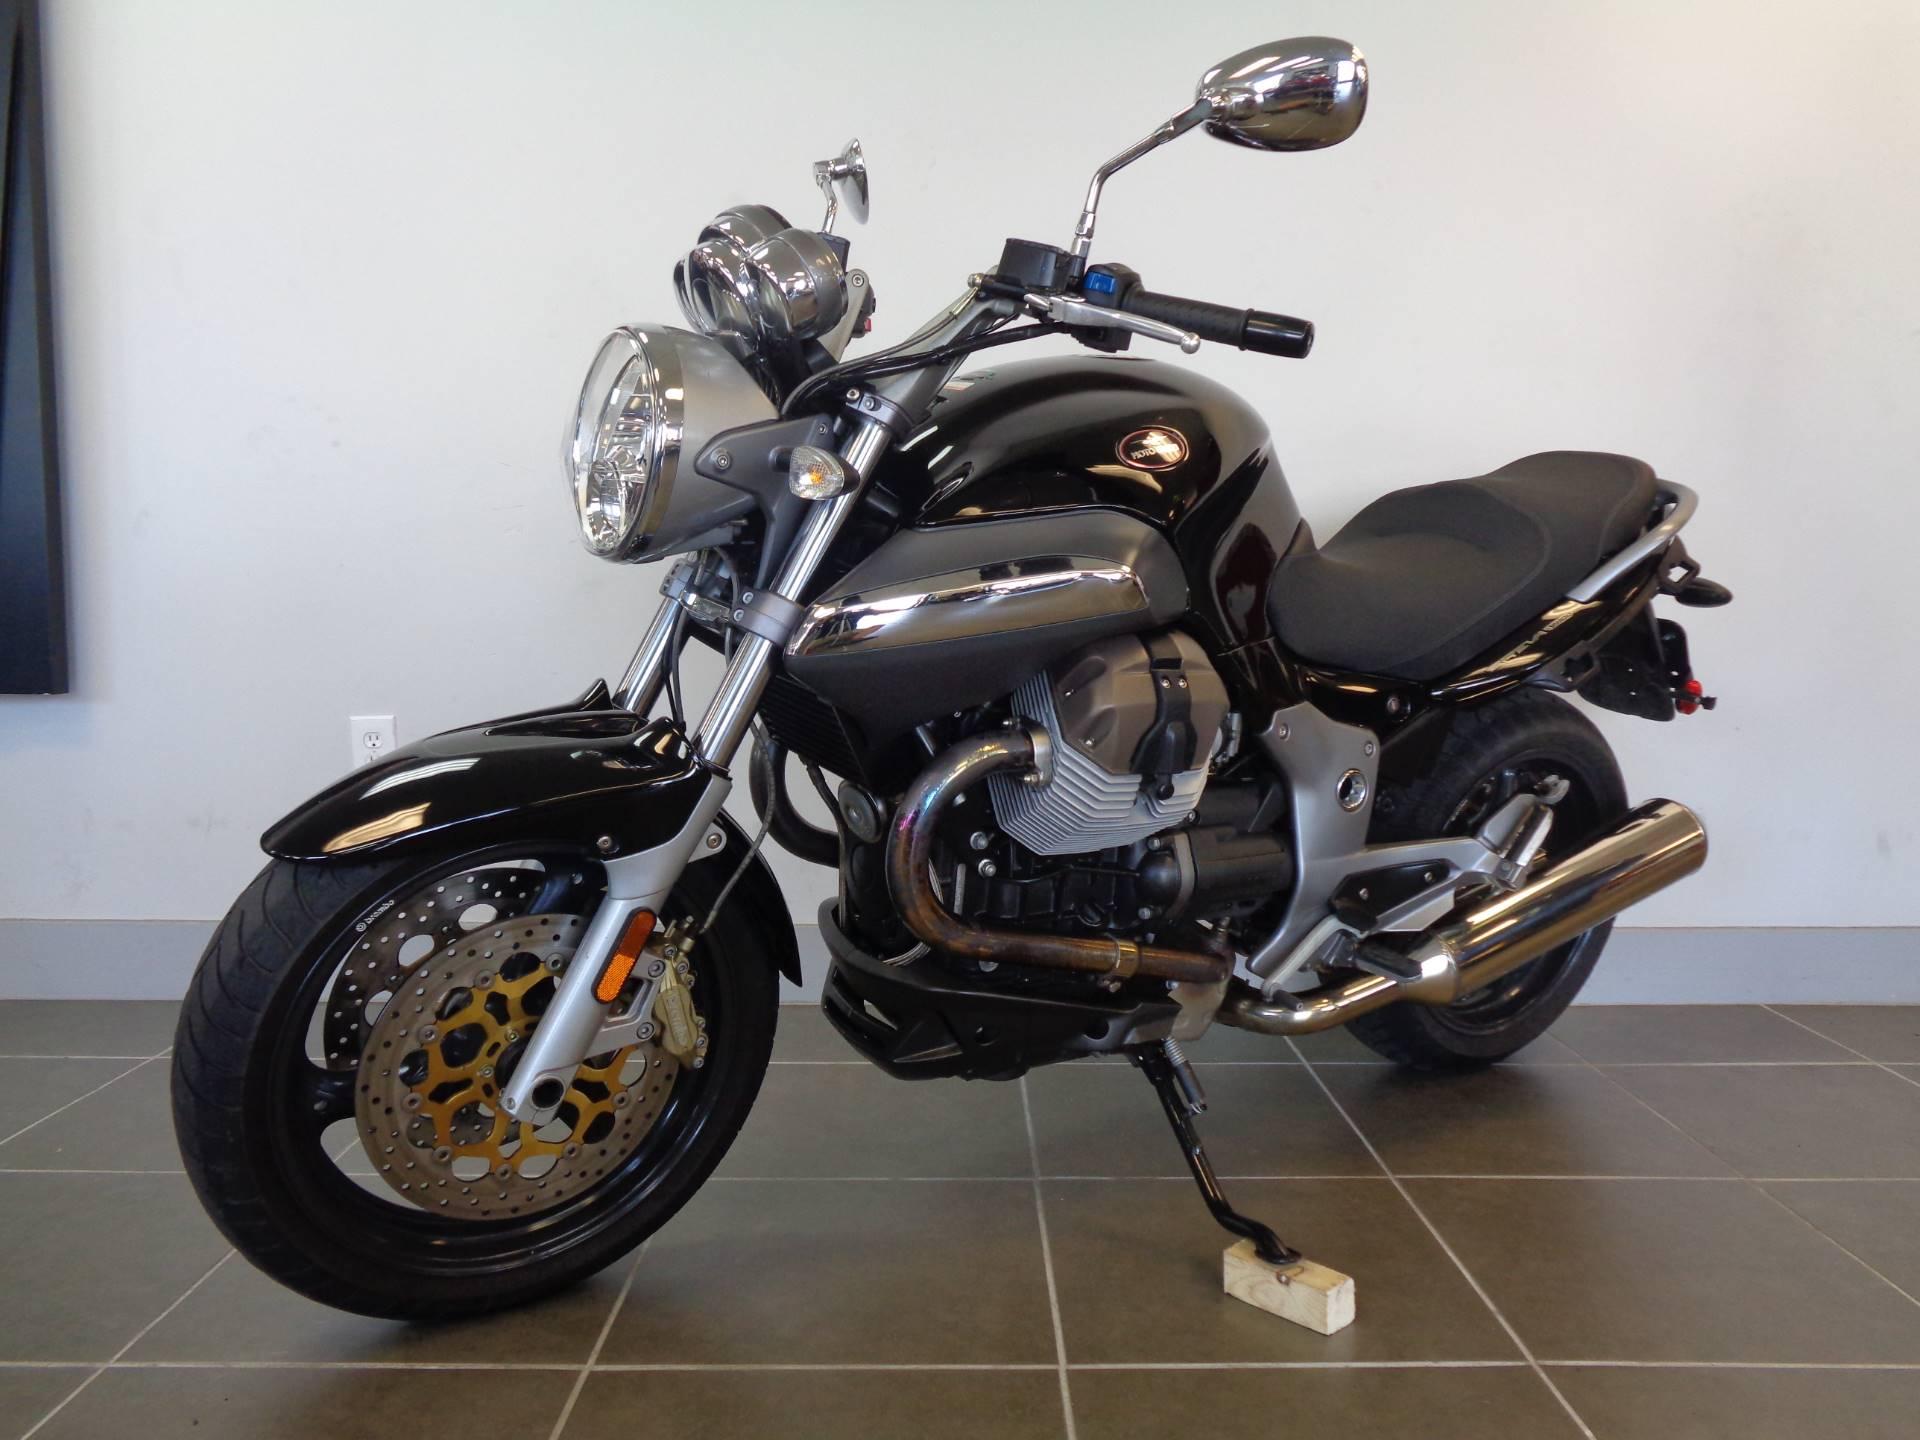 2007 Moto Guzzi Breva 1100 10